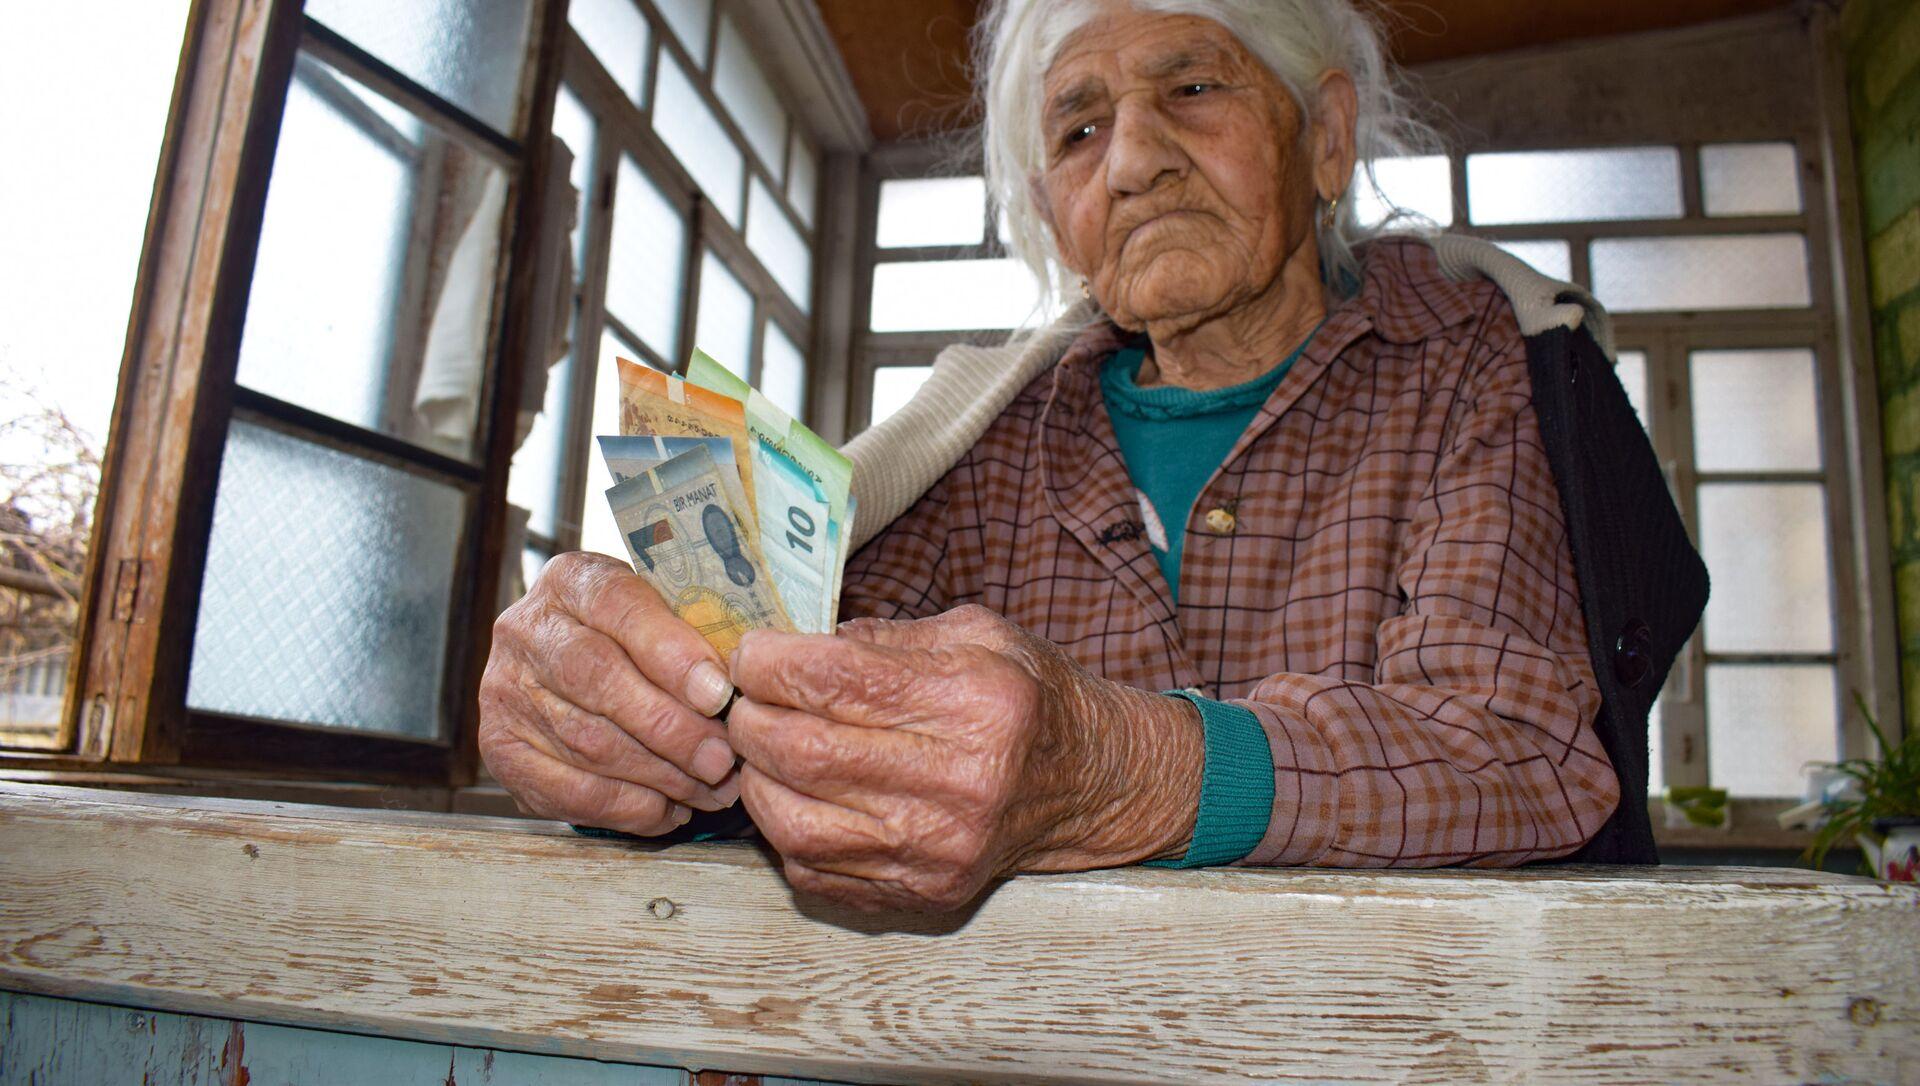 Пожилая женщина, фото из архива - Sputnik Азербайджан, 1920, 04.07.2021